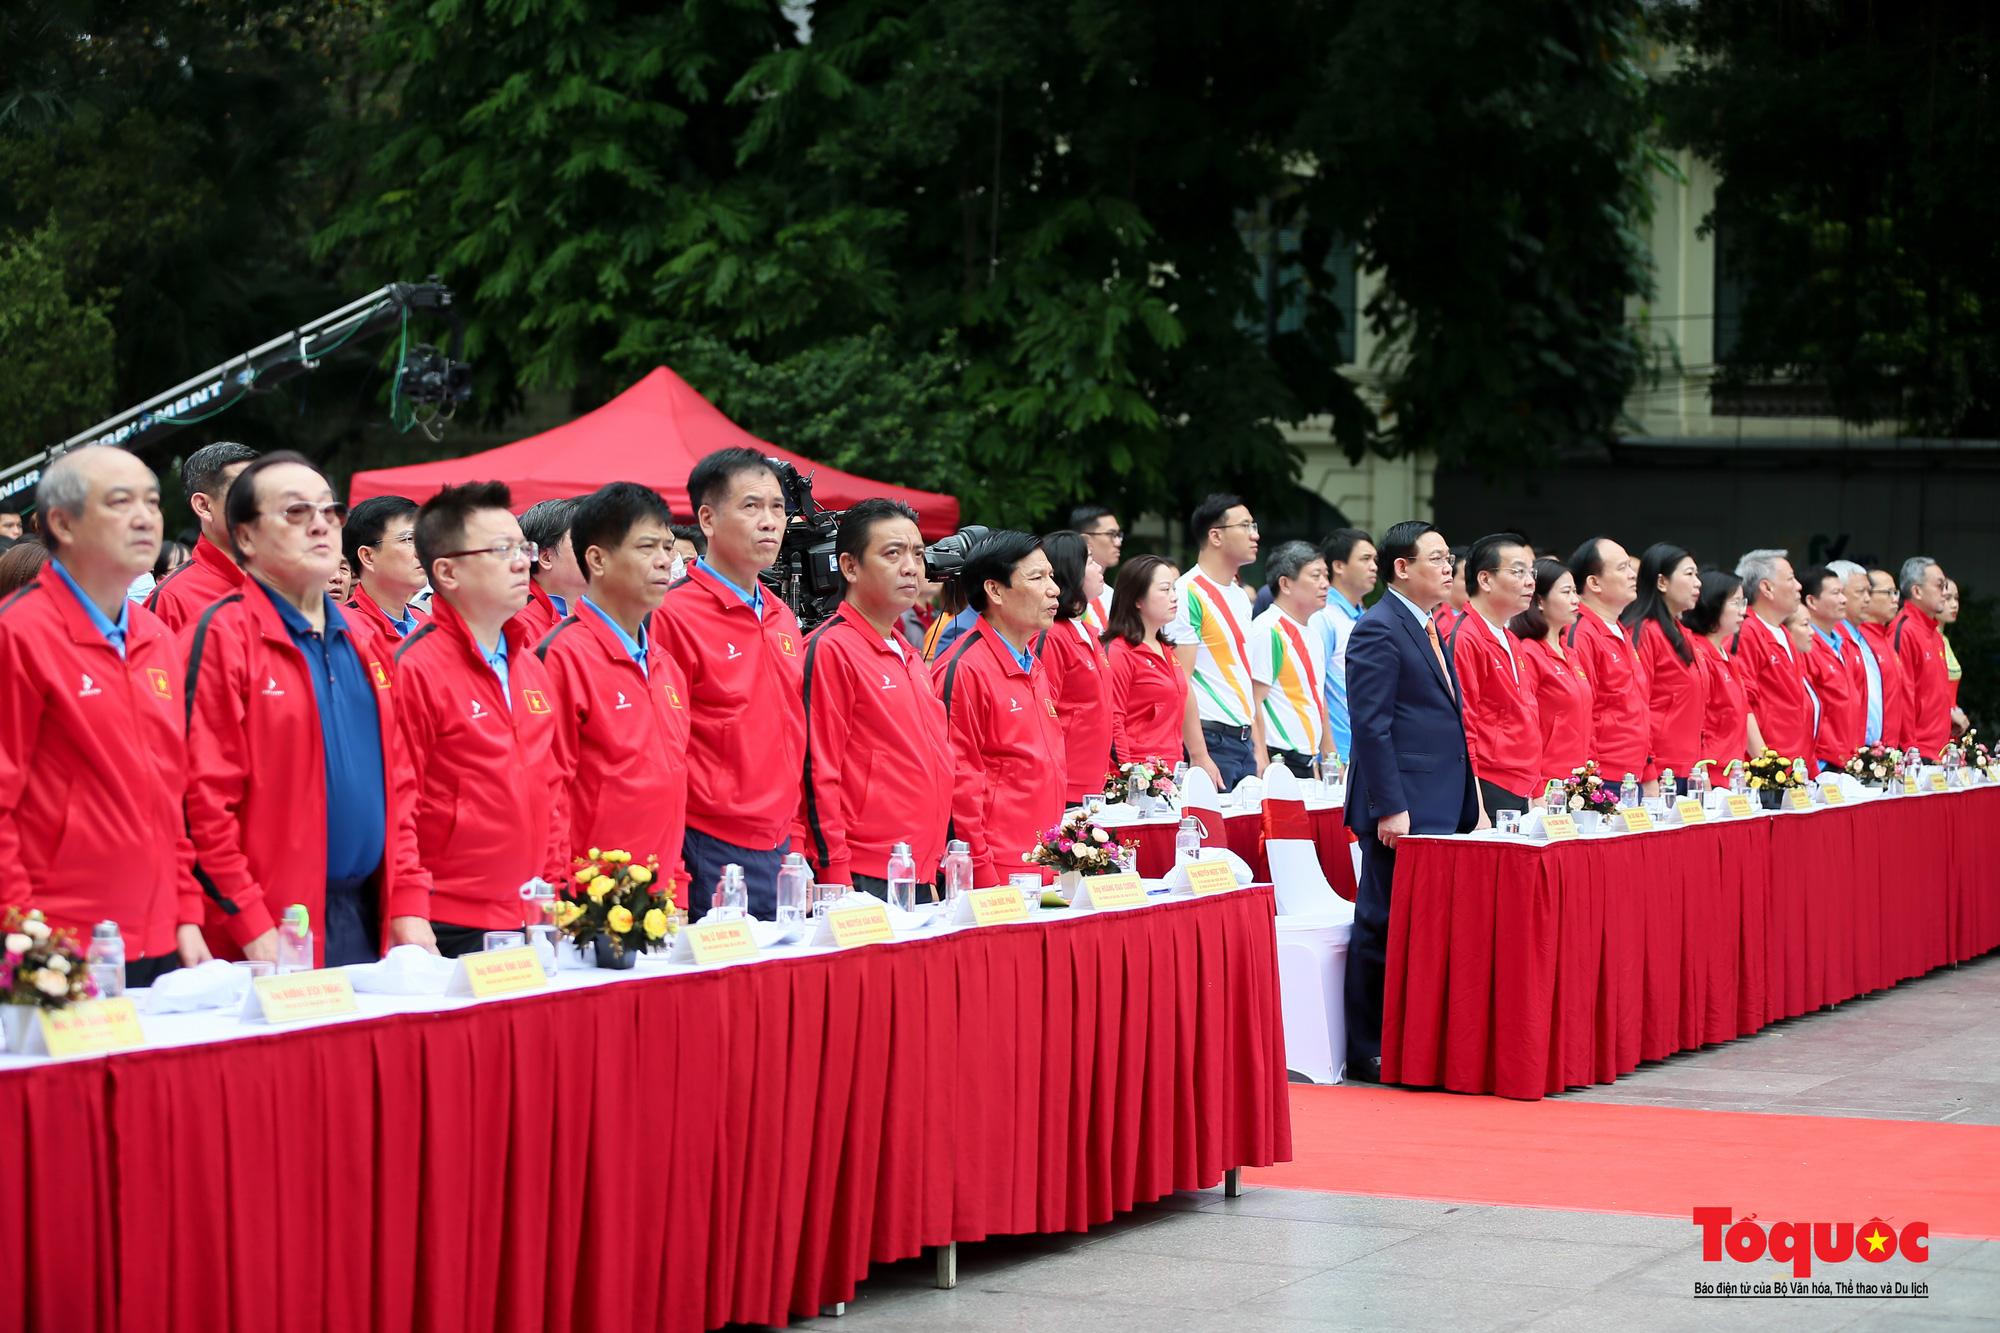 Khởi động cùng SEA Games 31 - Việt Nam sẵn sàng cho Đại hội thể thao lớn nhất Đông Nam Á  - Ảnh 2.